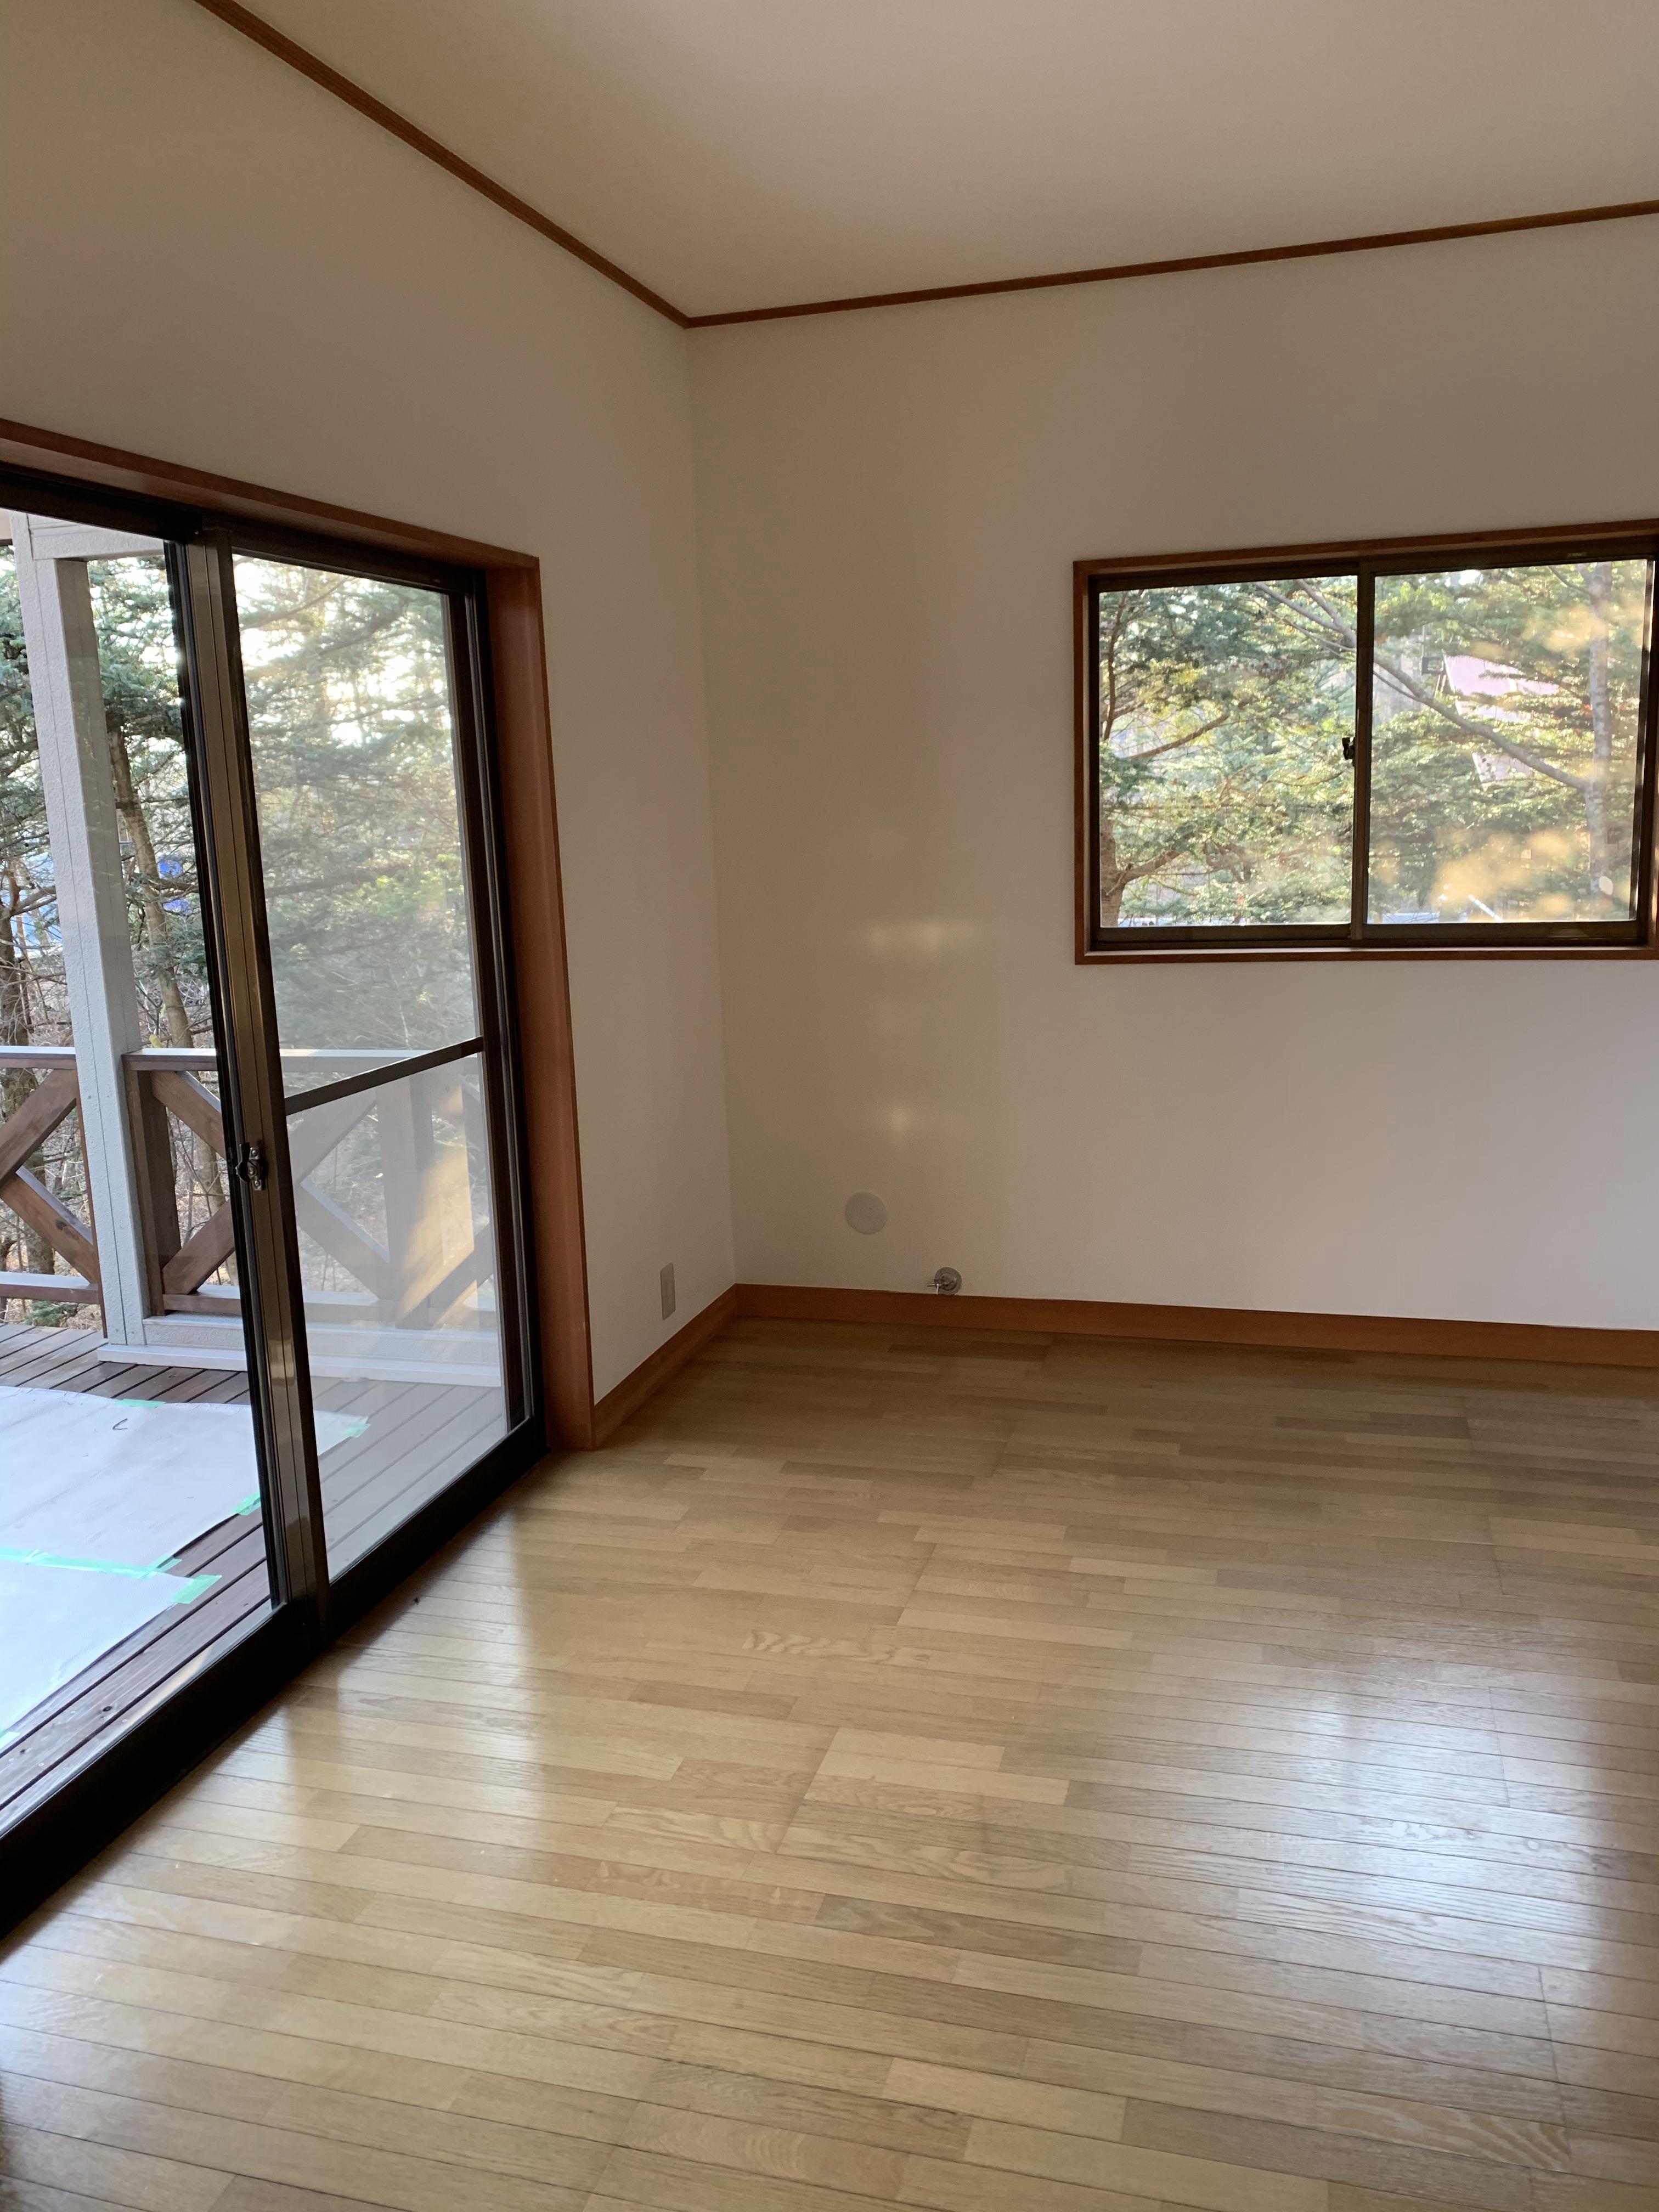 土地付建物 千ヶ滝西区 4,300万円